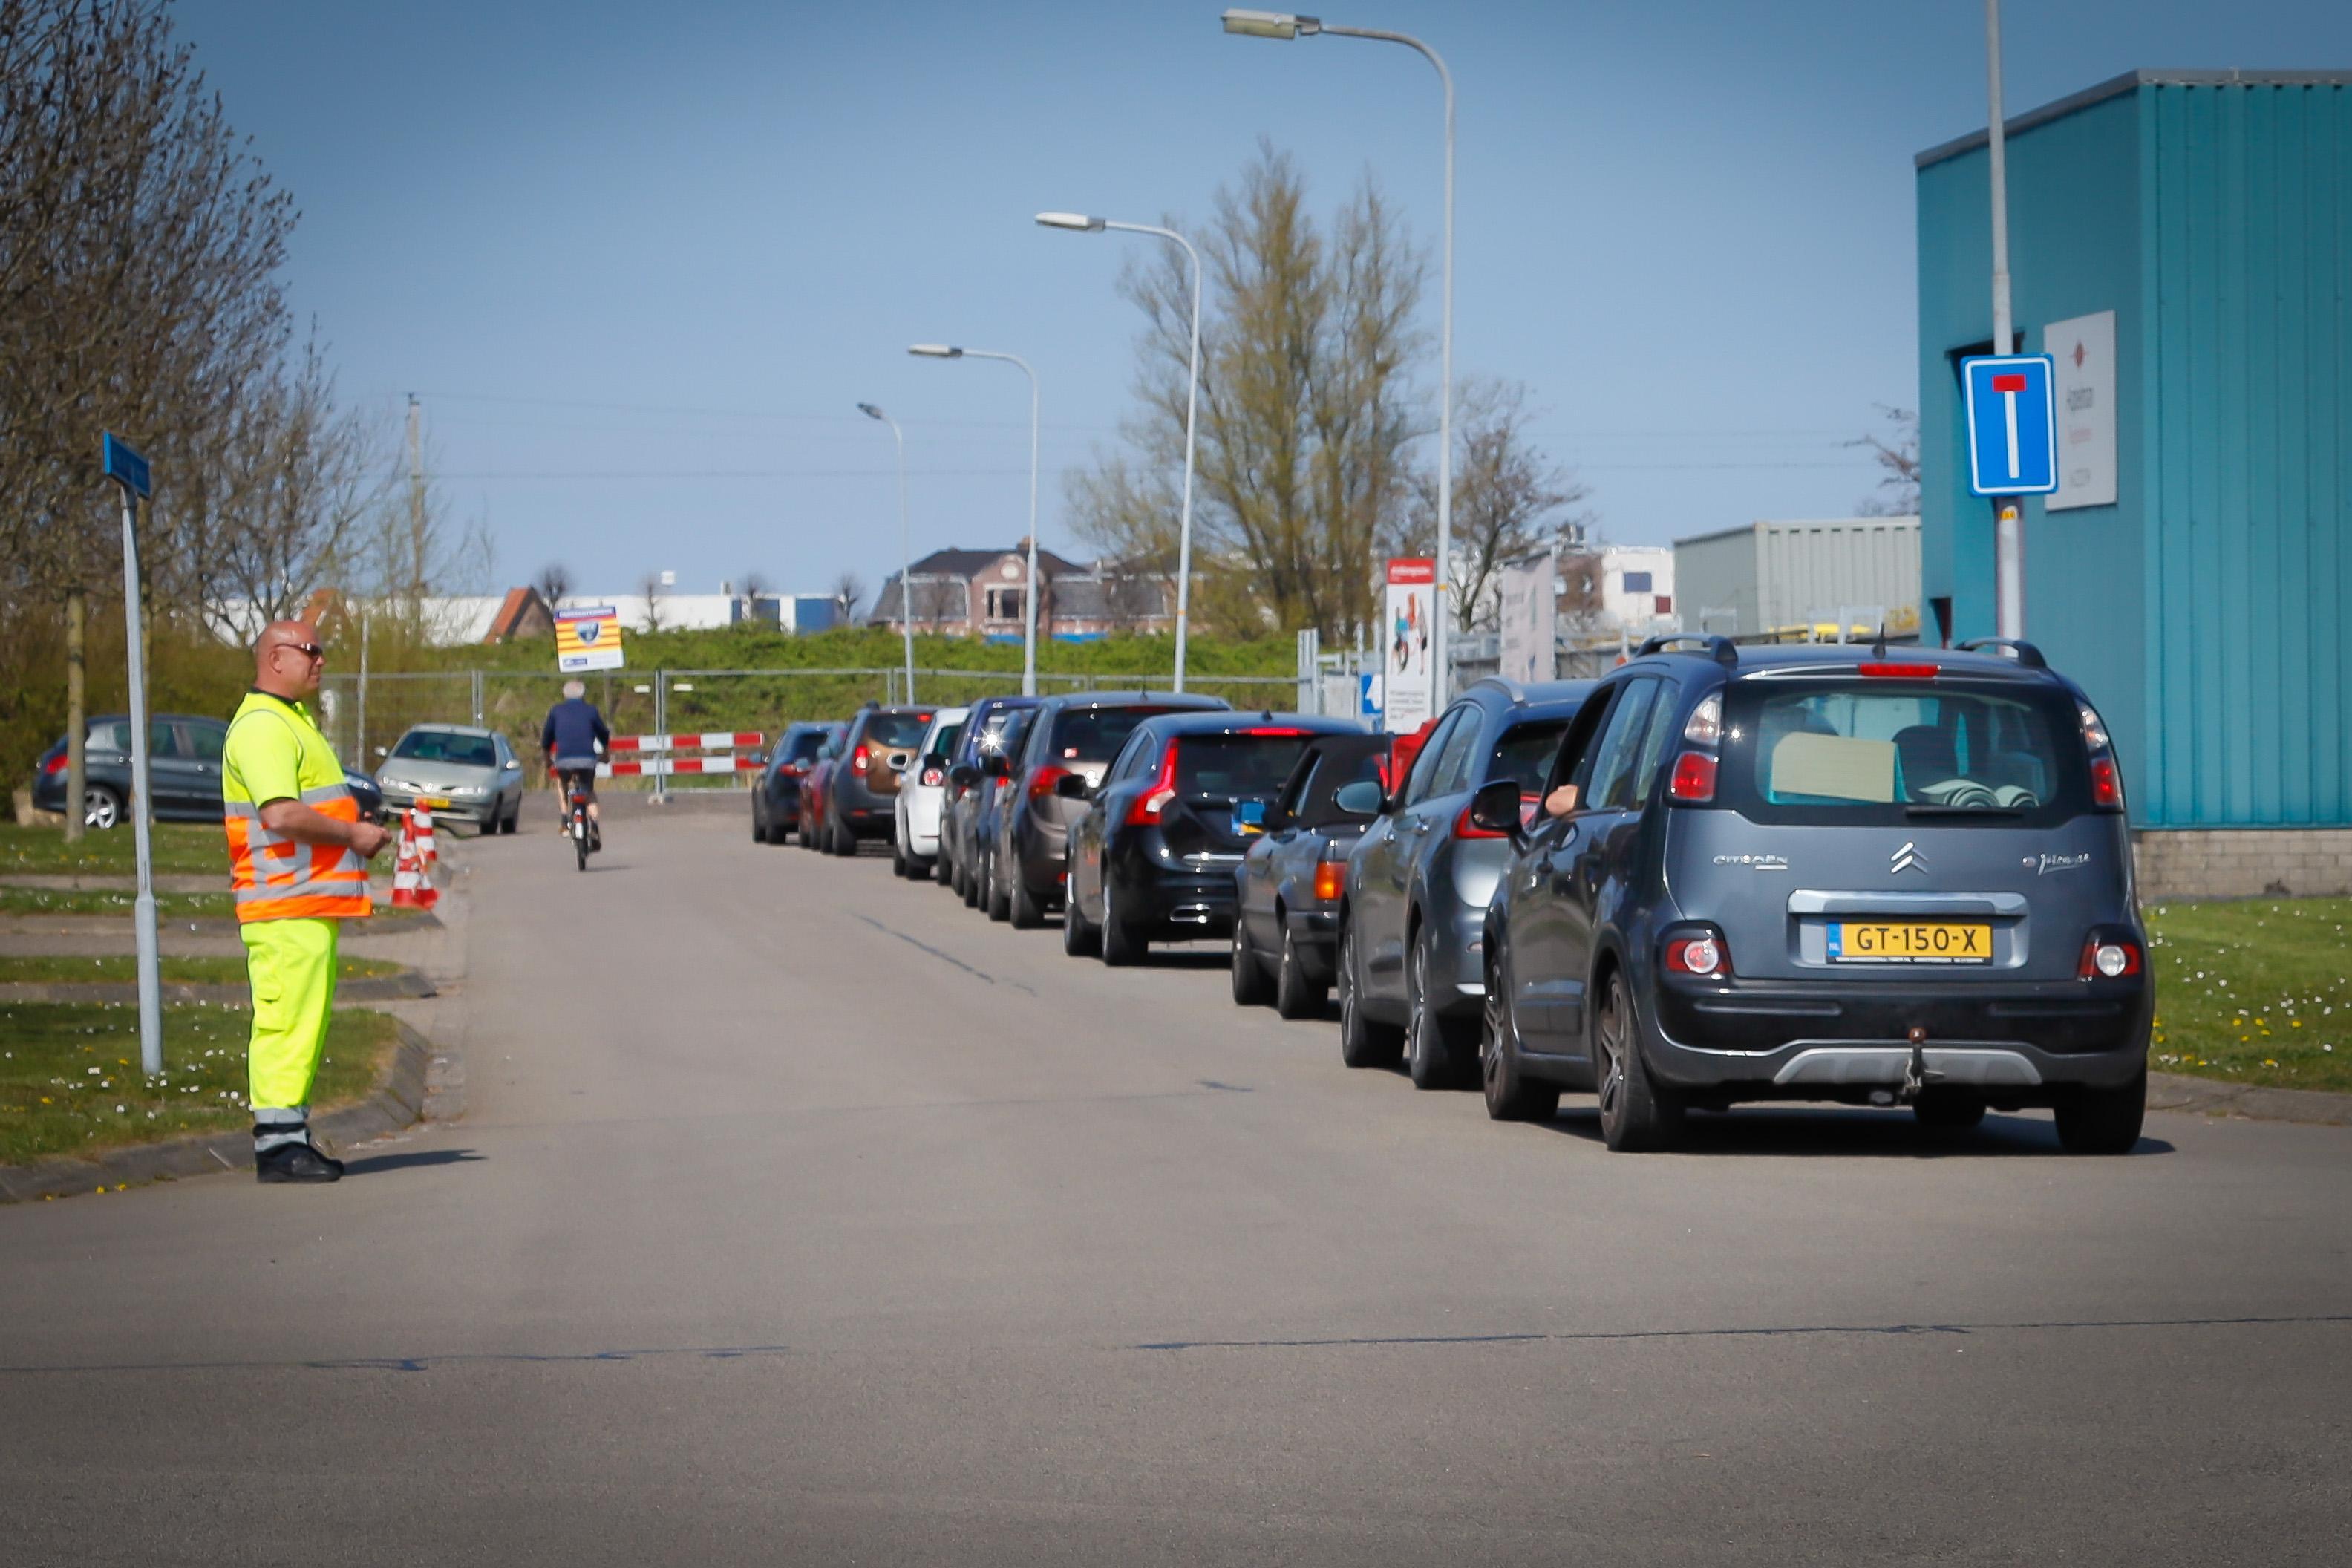 Verkeersregelaars op Schepenwijk in Enkhuizen blijken nodig om wegbrengen grof vuil in goede banen te leiden: 'Ik wacht al anderhalf uur'